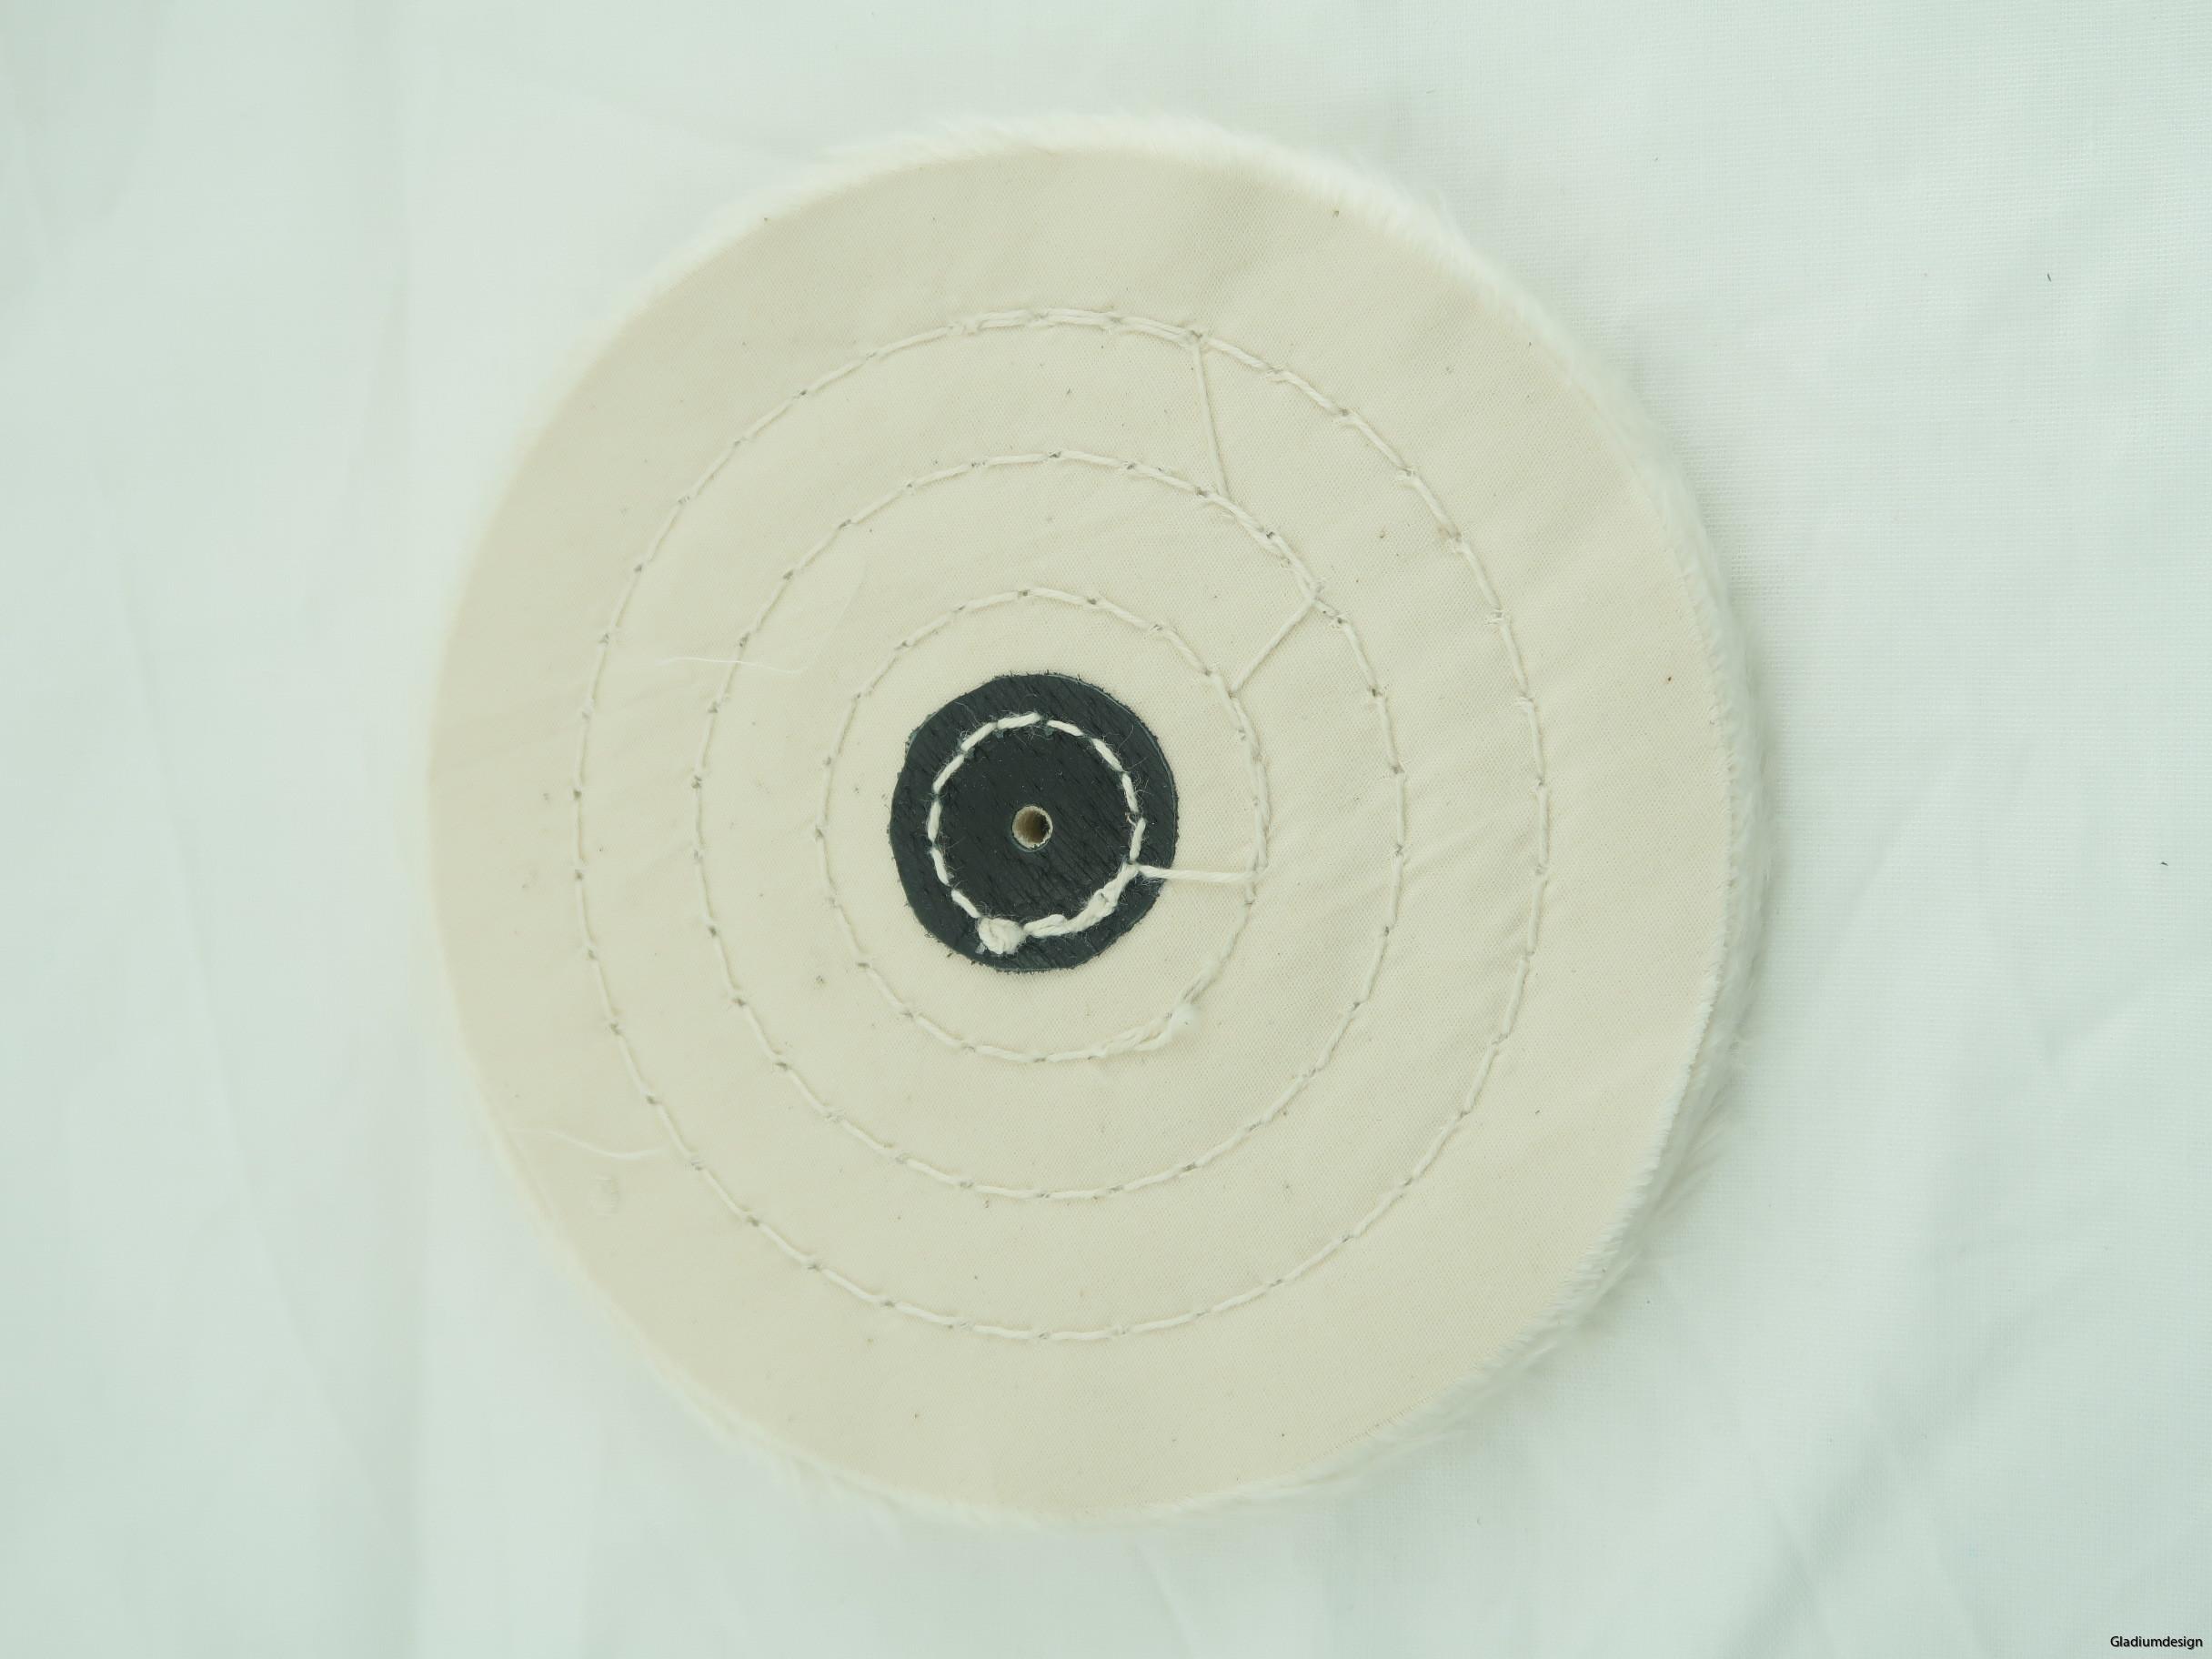 150mm medium